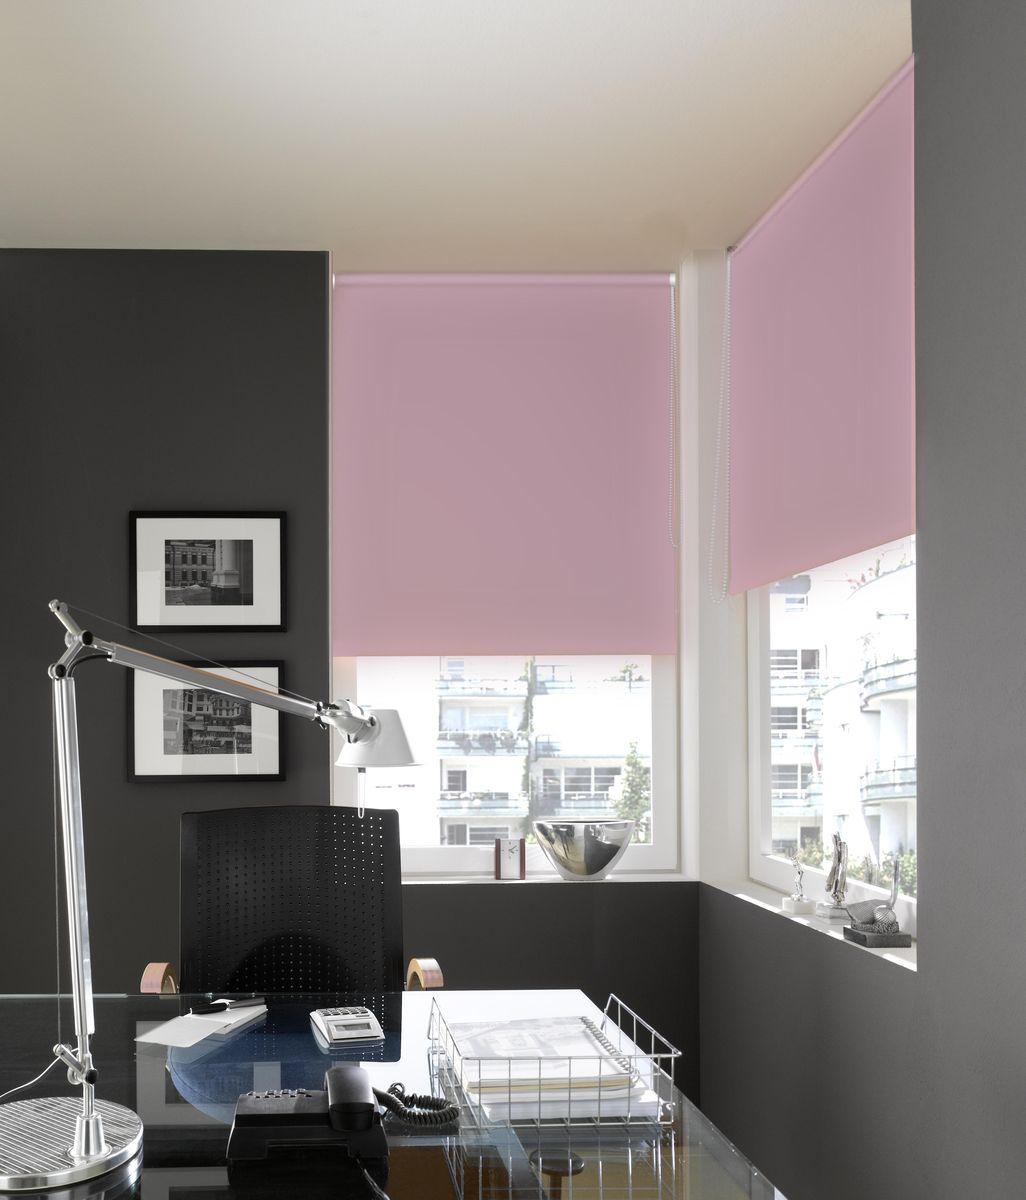 Штора рулонная Эскар Миниролло. Blackout, светонепроницаемые, цвет: розовый, ширина 62 см, высота 170 см34933062170Рулонными шторамиЭскар Миниролло. Blackout можно оформлять окна как самостоятельно, так и использовать в комбинации с портьерами. Это поможет предотвратить выгорание дорогой ткани на солнце и соединит функционал рулонных с красотой навесных. Преимущества применения рулонных штор для пластиковых окон: - имеют прекрасный внешний вид: многообразие и фактурность материала изделия отлично смотрятся в любом интерьере;- многофункциональны: есть возможность подобрать шторы способные эффективно защитить комнату от солнца, при этом она не будет слишком темной;- есть возможность осуществить быстрый монтаж.ВНИМАНИЕ! Размеры ширины изделия указаны по ширине ткани! Во время эксплуатации не рекомендуется полностью разматывать рулон, чтобы не оторвать ткань от намоточного вала. В случае загрязнения поверхности ткани, чистку шторы проводят одним из способов, в зависимости от типа загрязнения:легкое поверхностное загрязнение можно удалить при помощи канцелярского ластика;чистка от пыли производится сухим методом при помощи пылесоса с мягкой щеткой-насадкой;для удаления пятна используйте мягкую губку с пенообразующим неагрессивным моющим средством или пятновыводитель на натуральной основе (нельзя применять растворители).